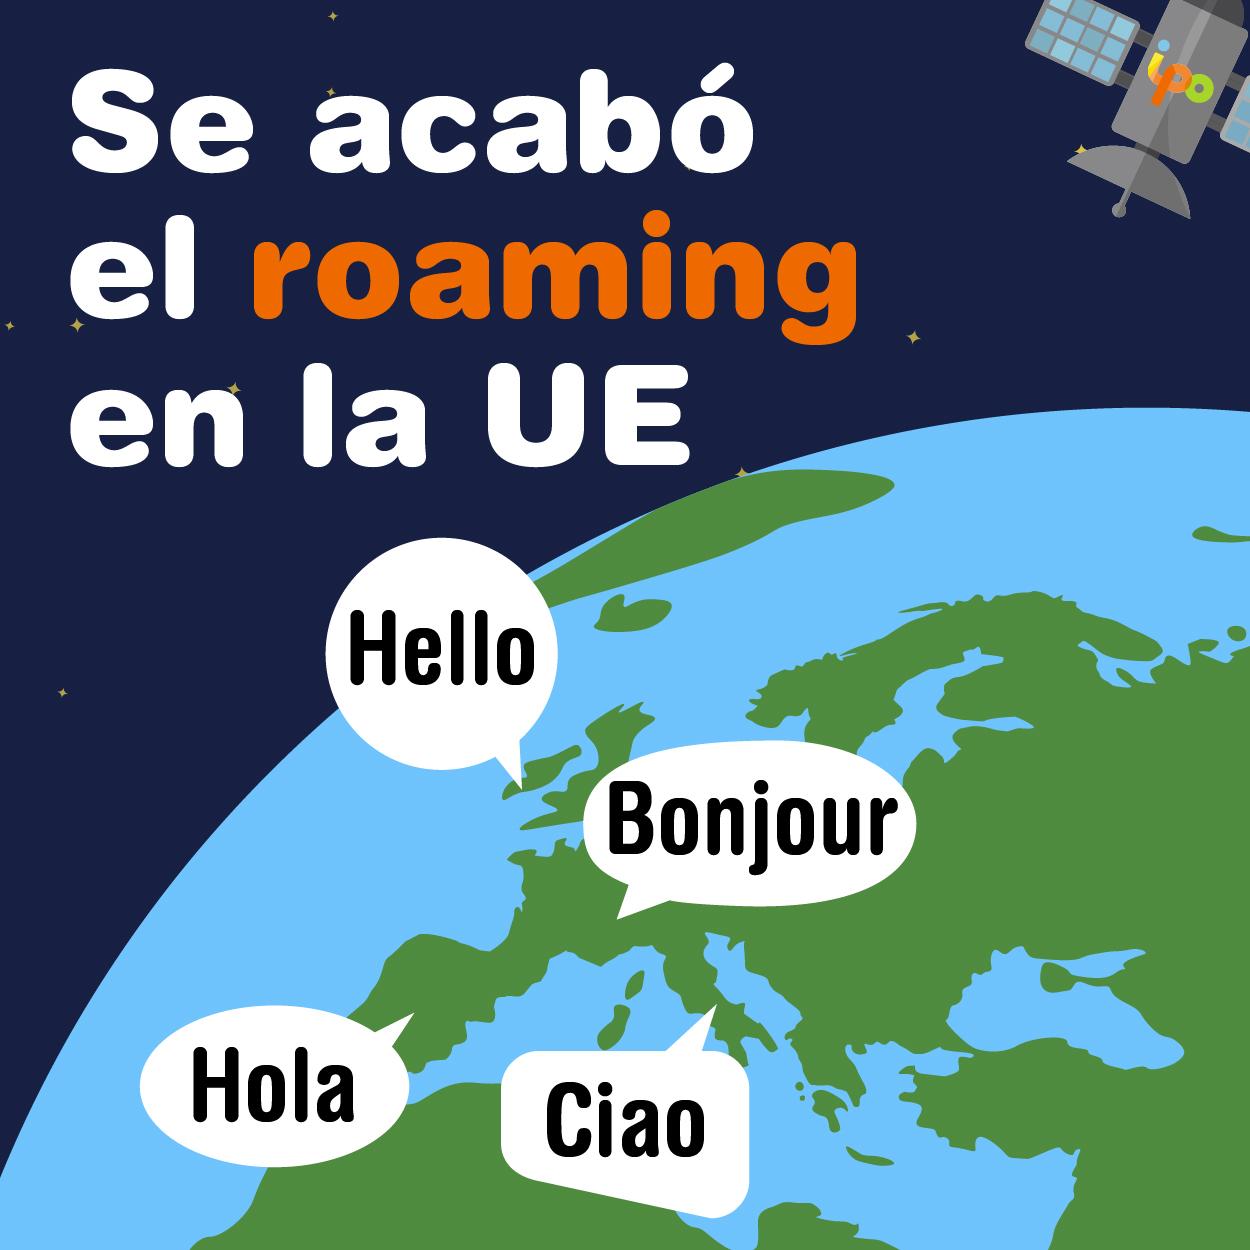 ipo networks - se acabó el roaming en la Unión Europea